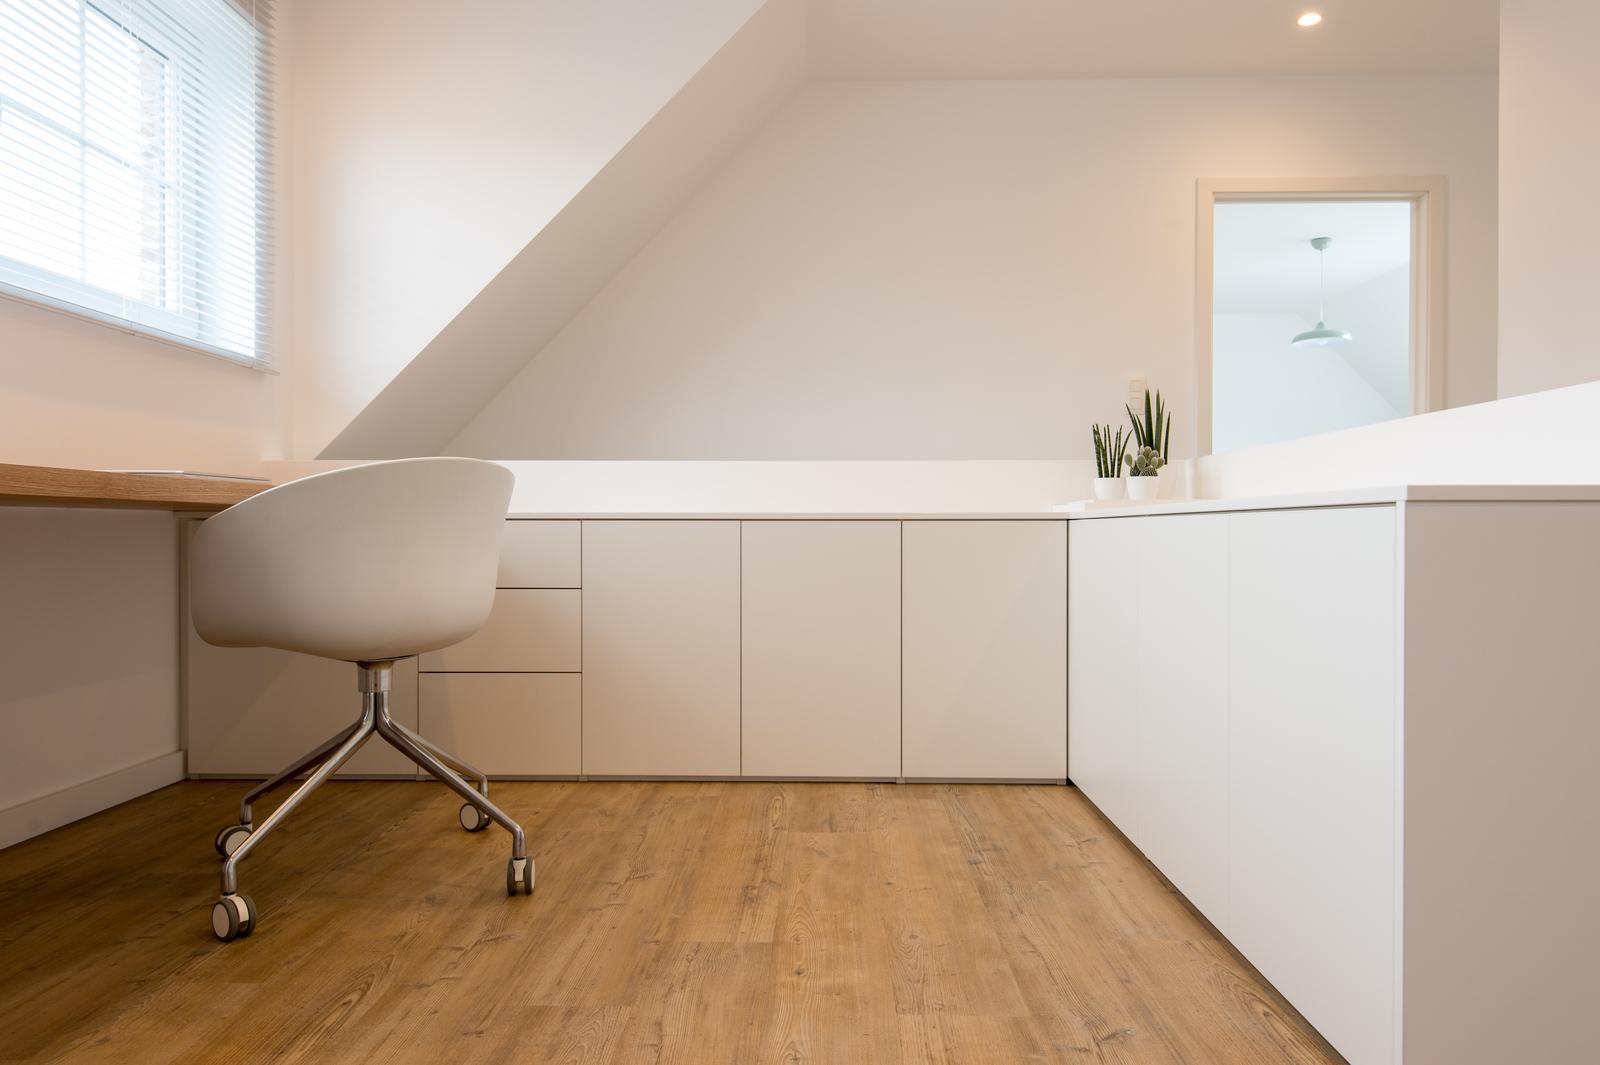 Habiller L Arrière D Un Meuble dm-line crée des opportunités d'espace - luxevastgoed